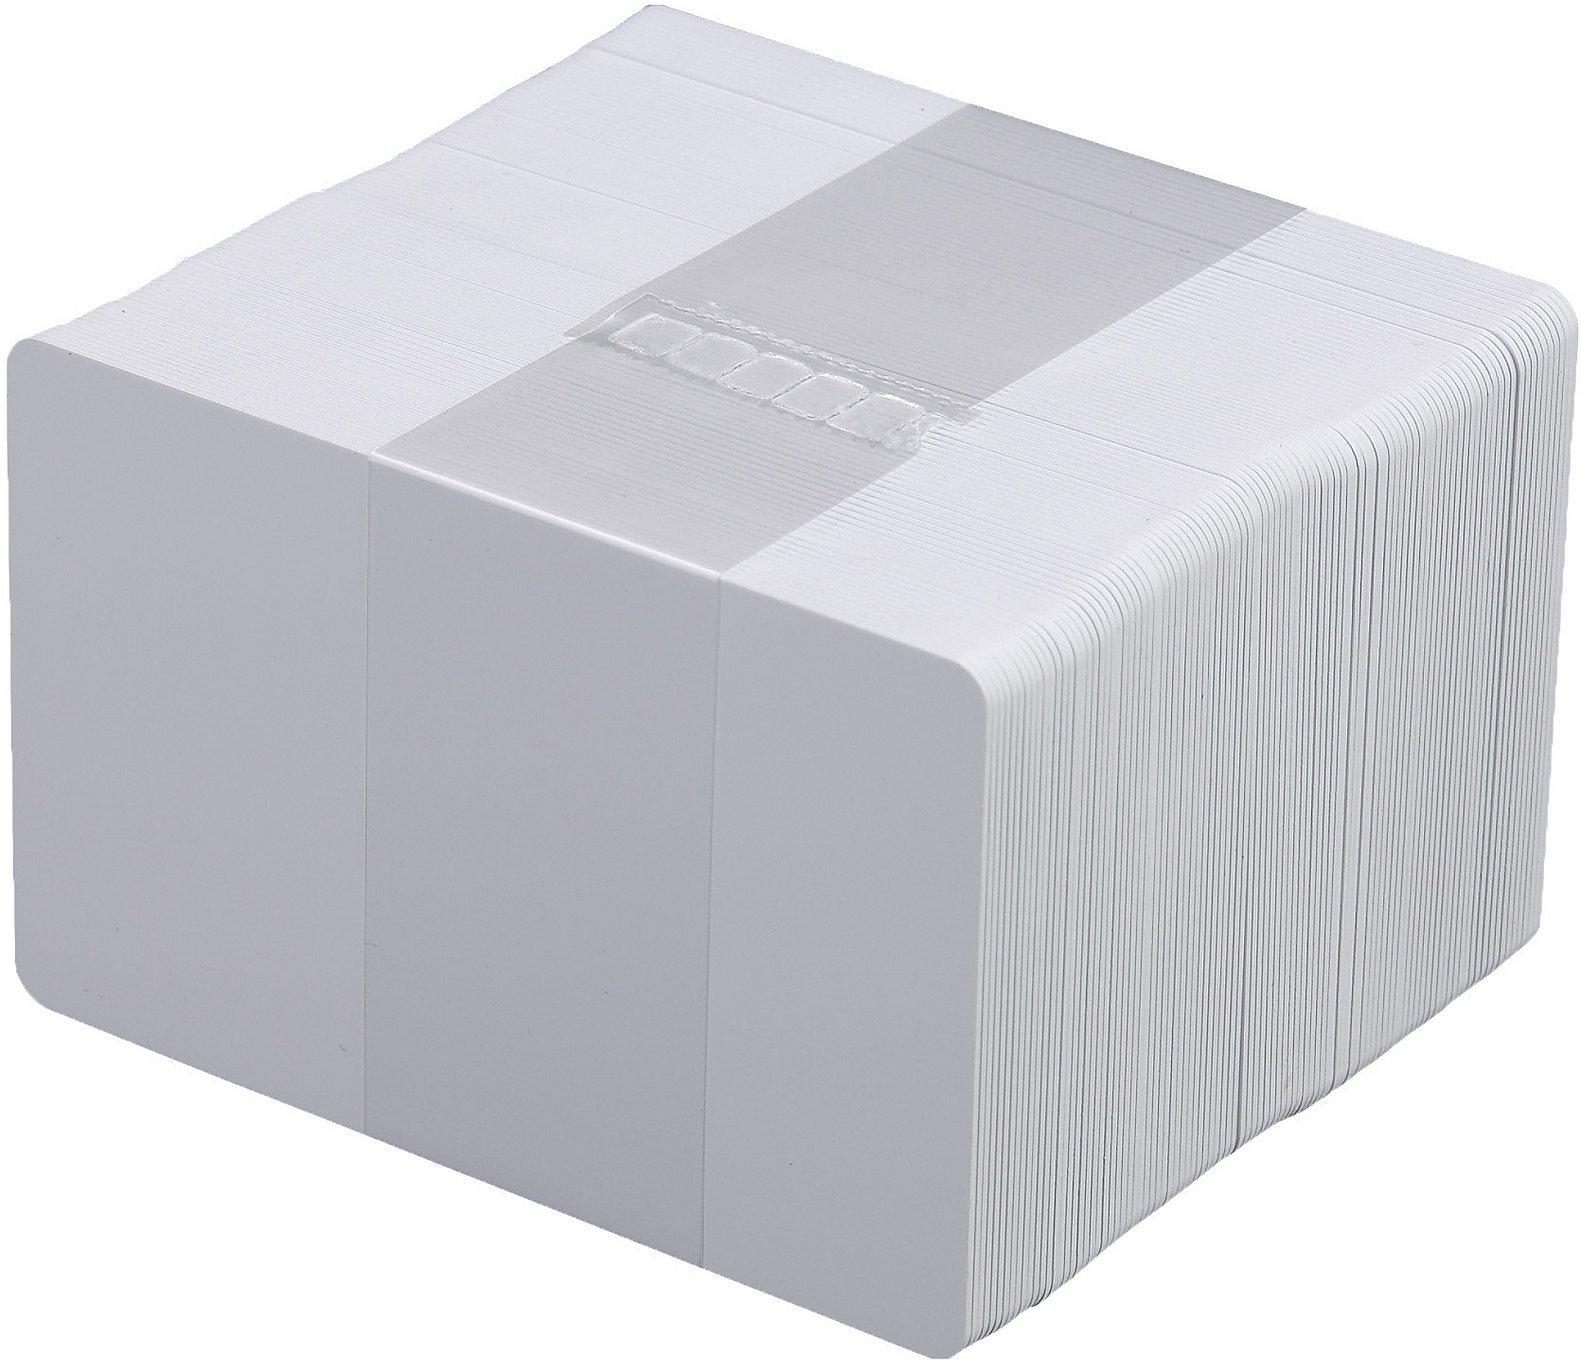 Karten, Zebra Premier Recycled PVC, weiß, 30 mil